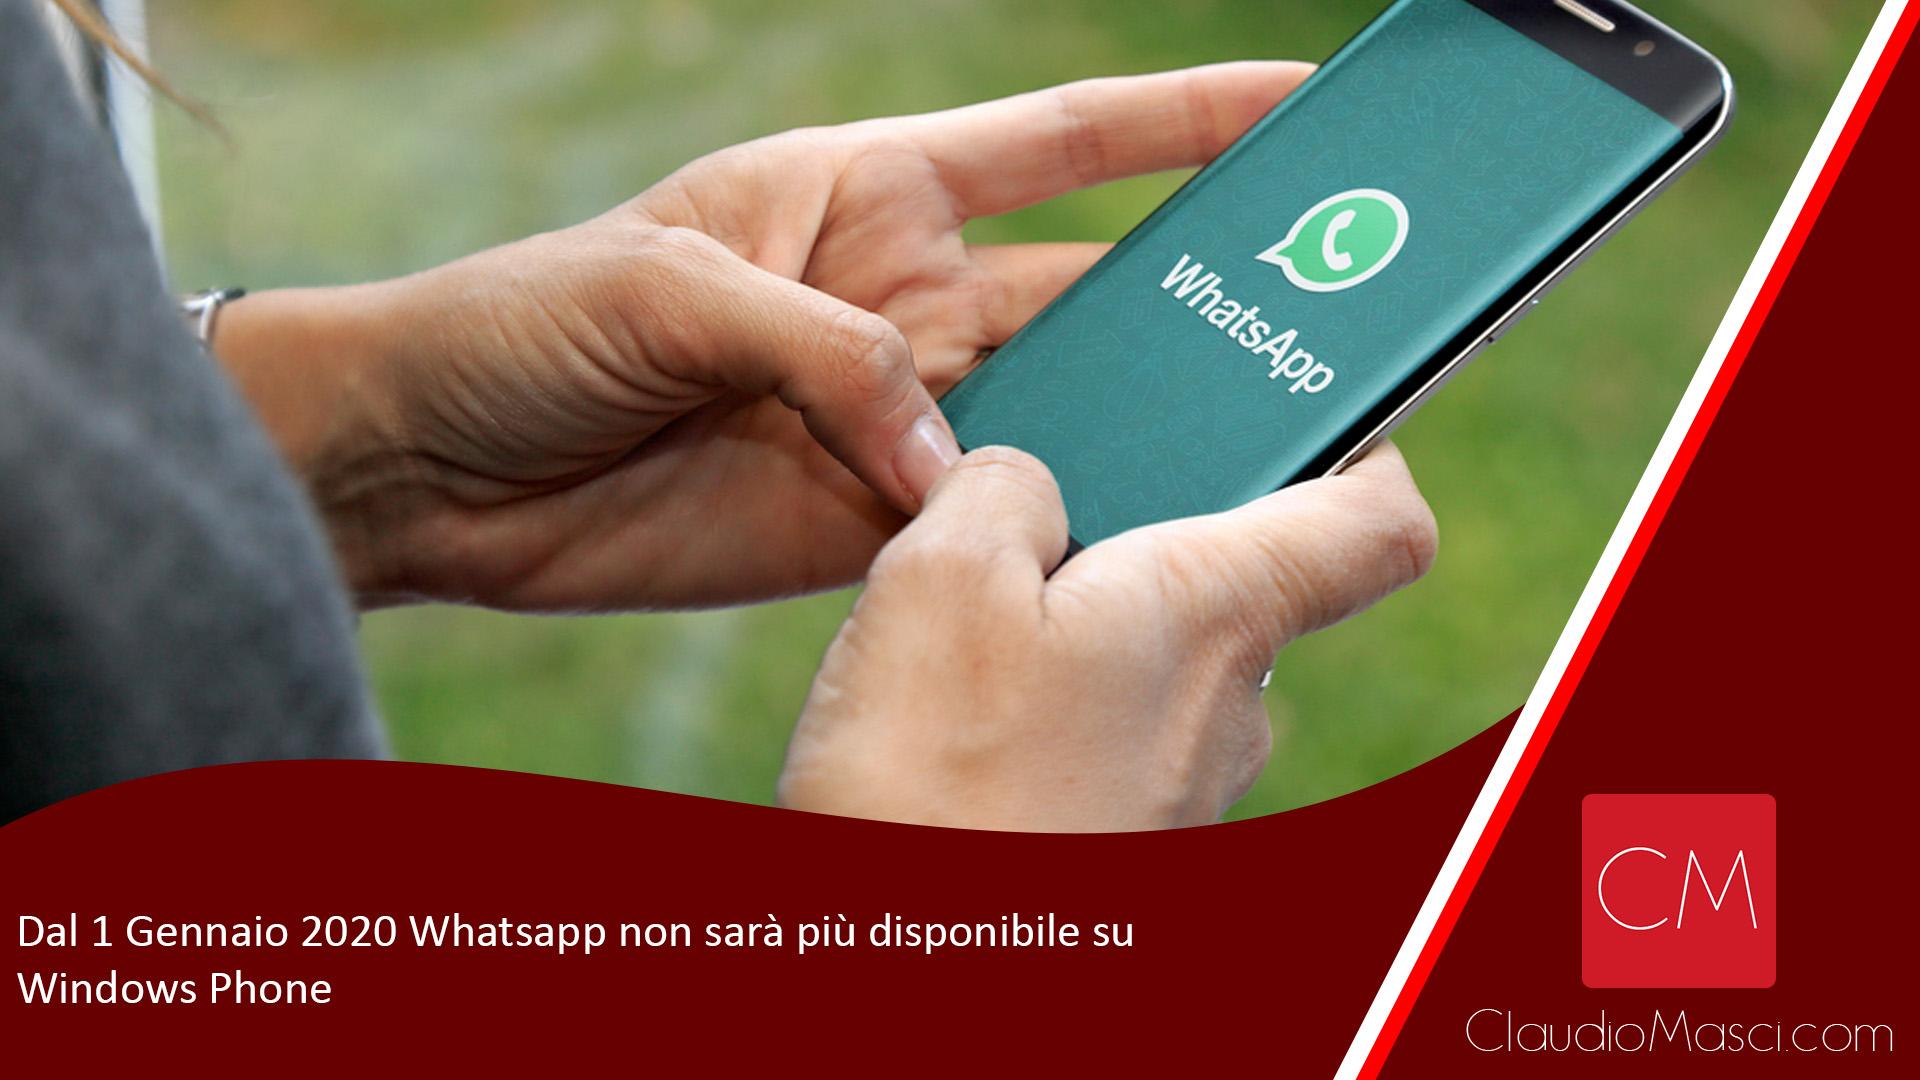 Dal 1 Gennaio 2020 Whatsapp non sarà più disponibile su Windows Phone